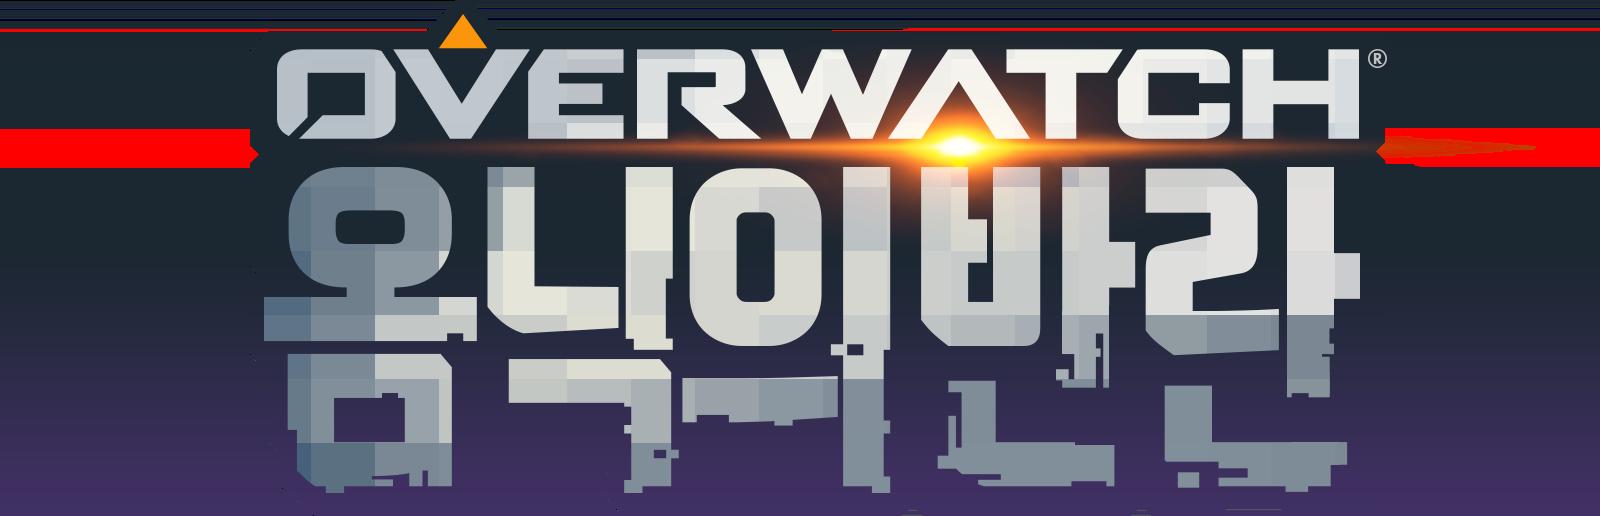 오버워치: 옴닉의 반란